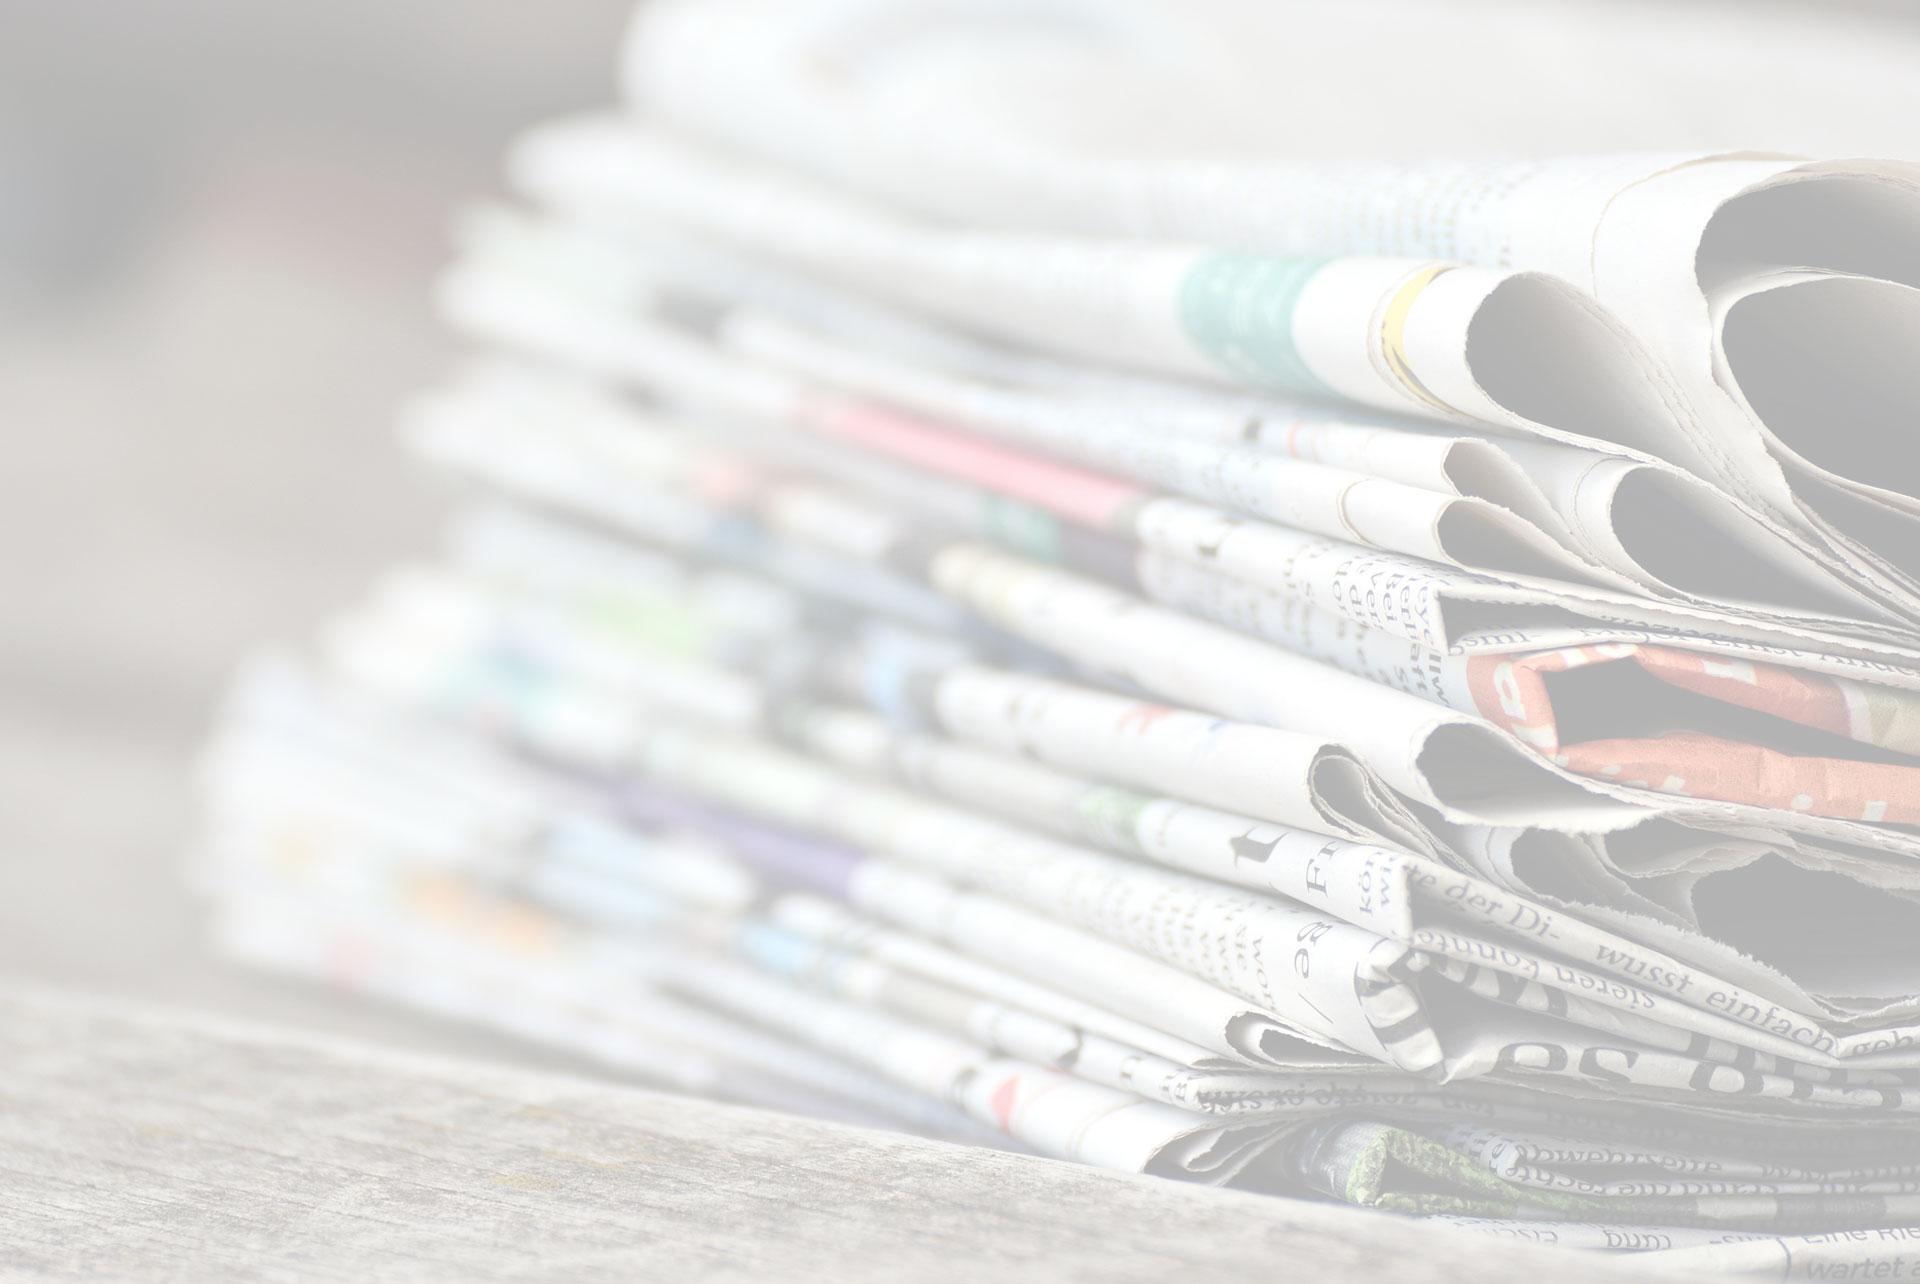 assicurazione sanitaria pagamento online